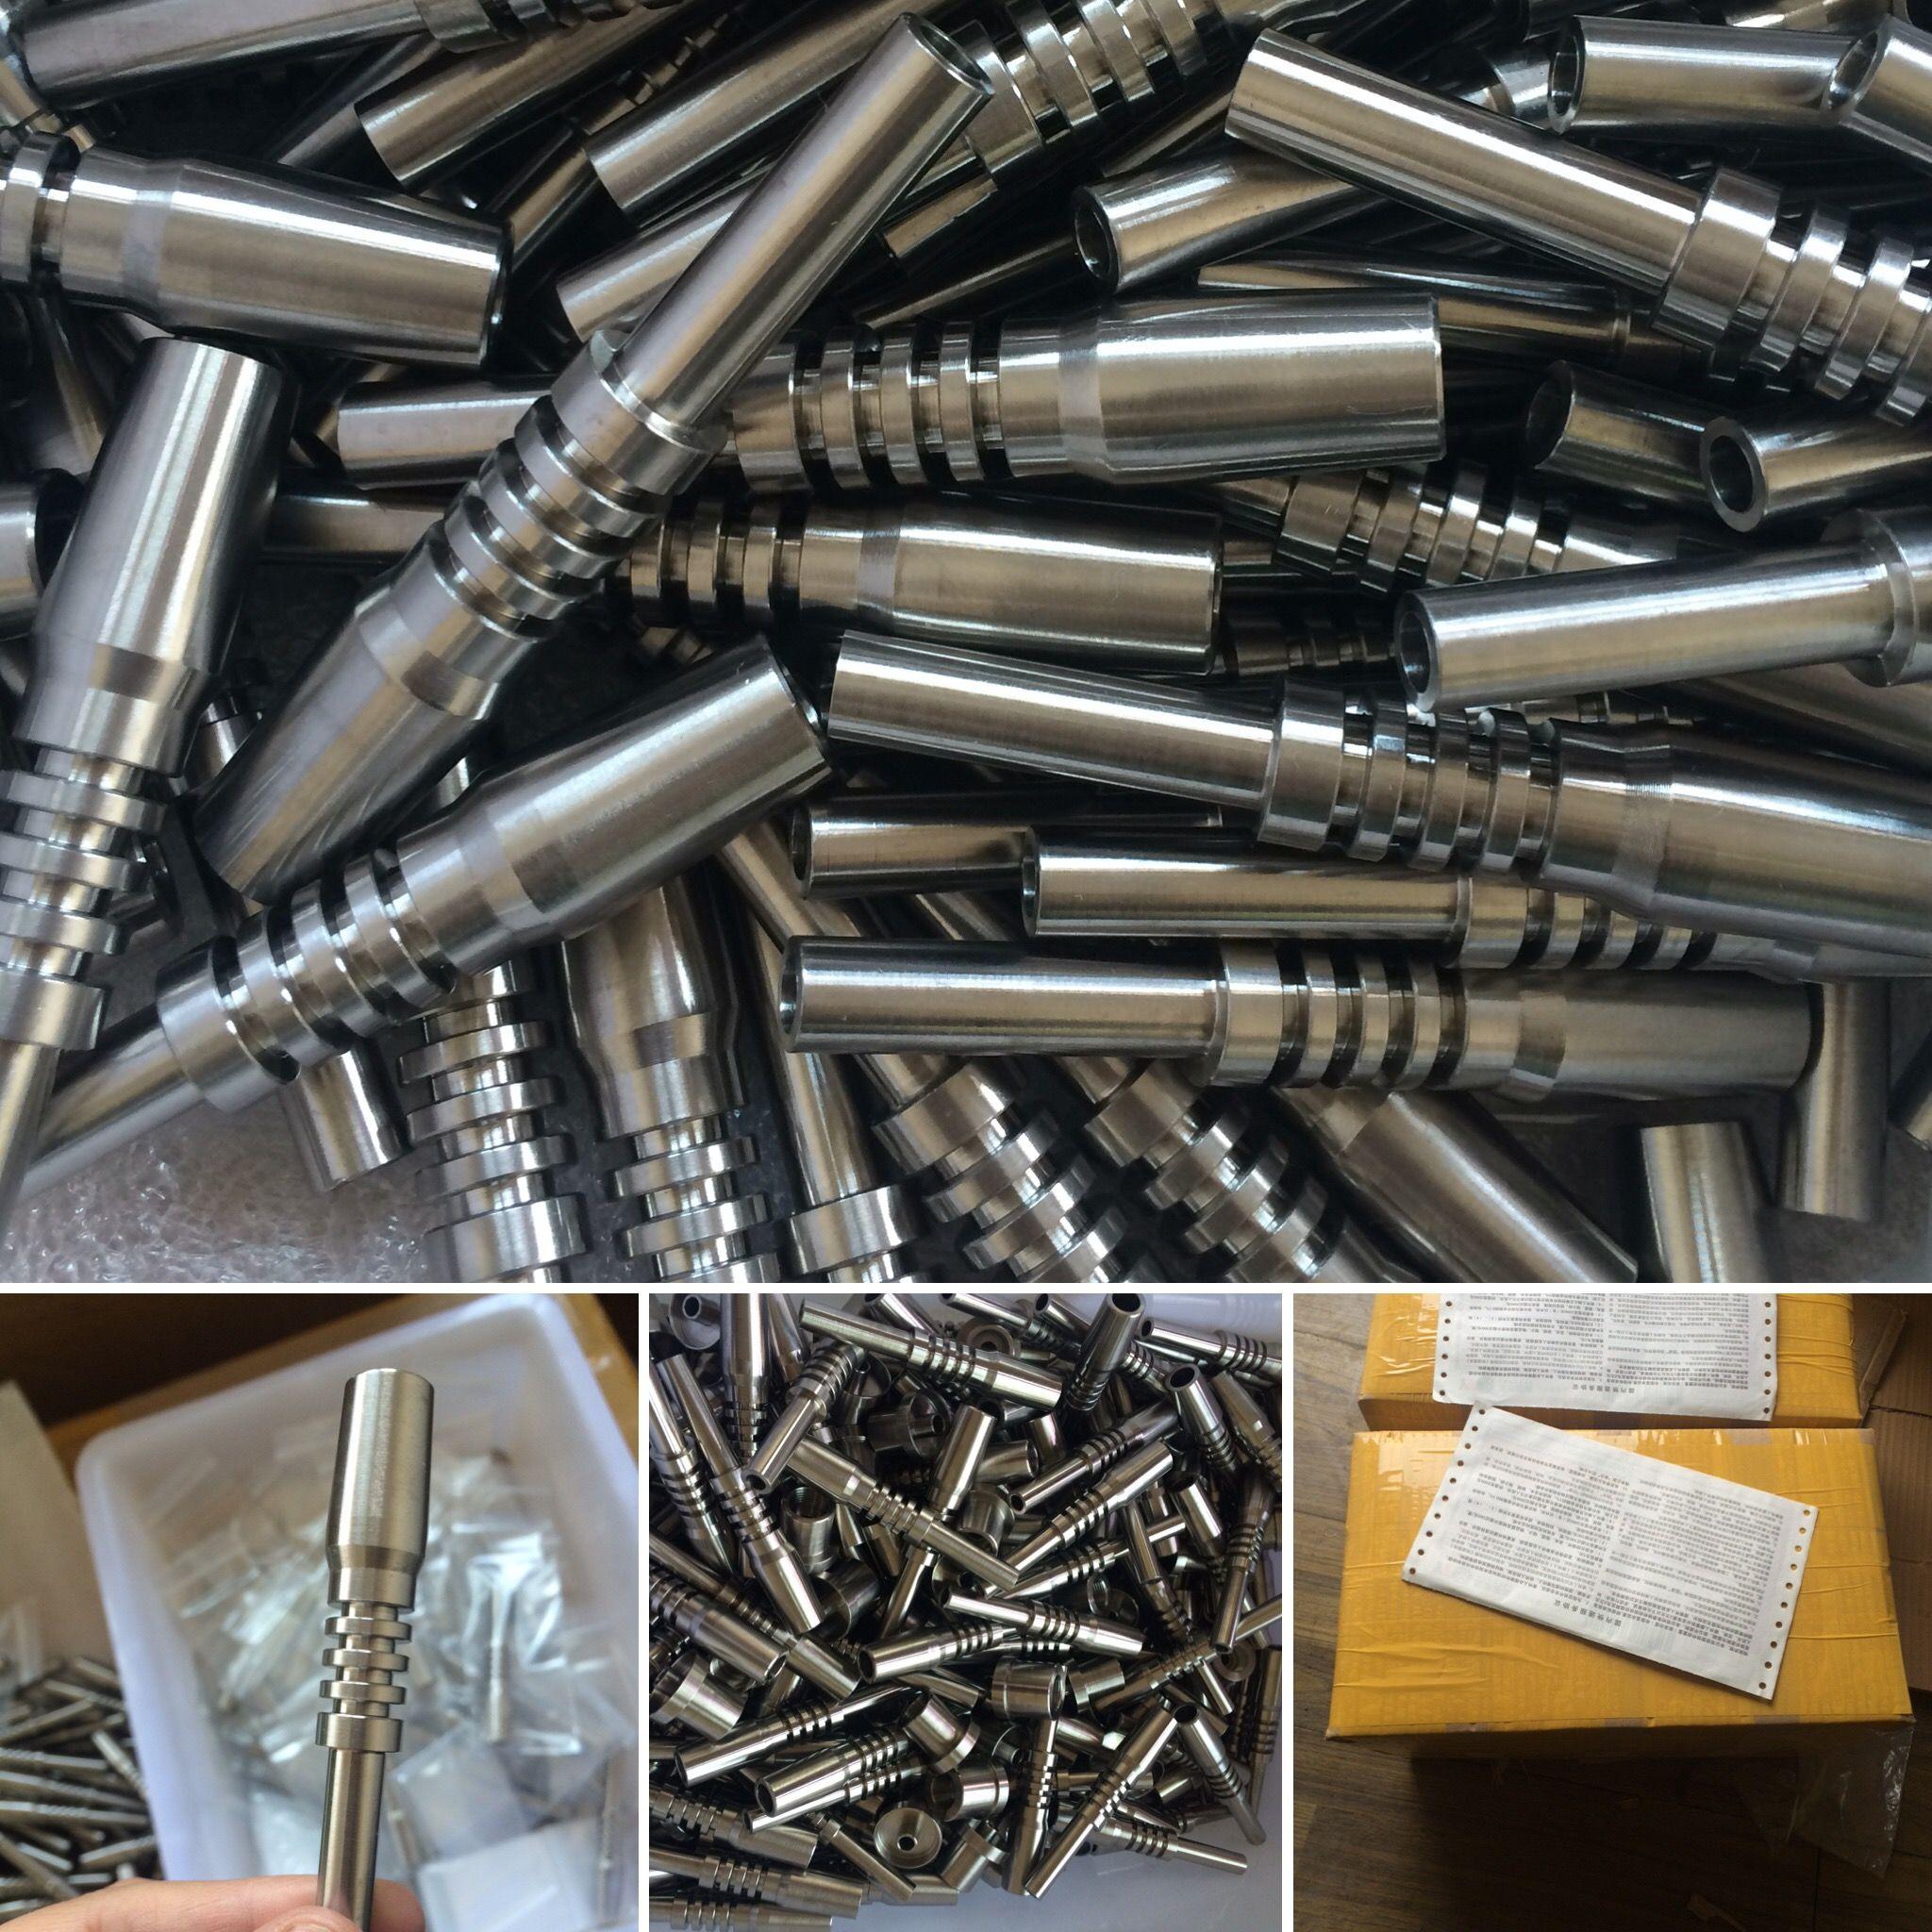 TIGE DE TIANE TIANE DE REMPLACEMENT MOOM PREMIUM 10MM 14mm 18mm 18mm Navigé 2 G2 G2 TI TIPS Nails pour Silicone NC Kit E en Chine